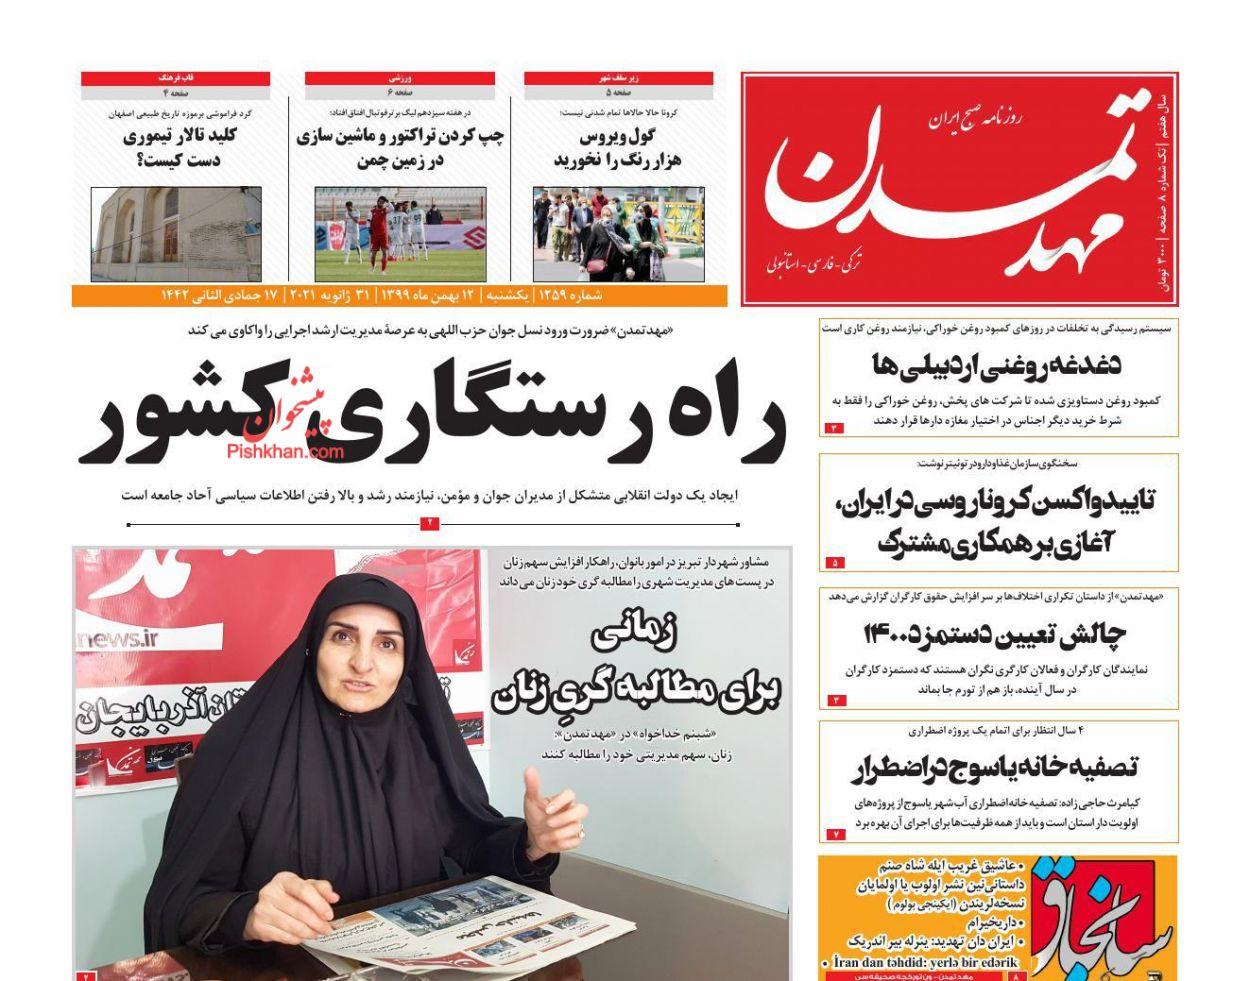 عناوین اخبار روزنامه مهد تمدن در روز یکشنبه ۱۲ بهمن